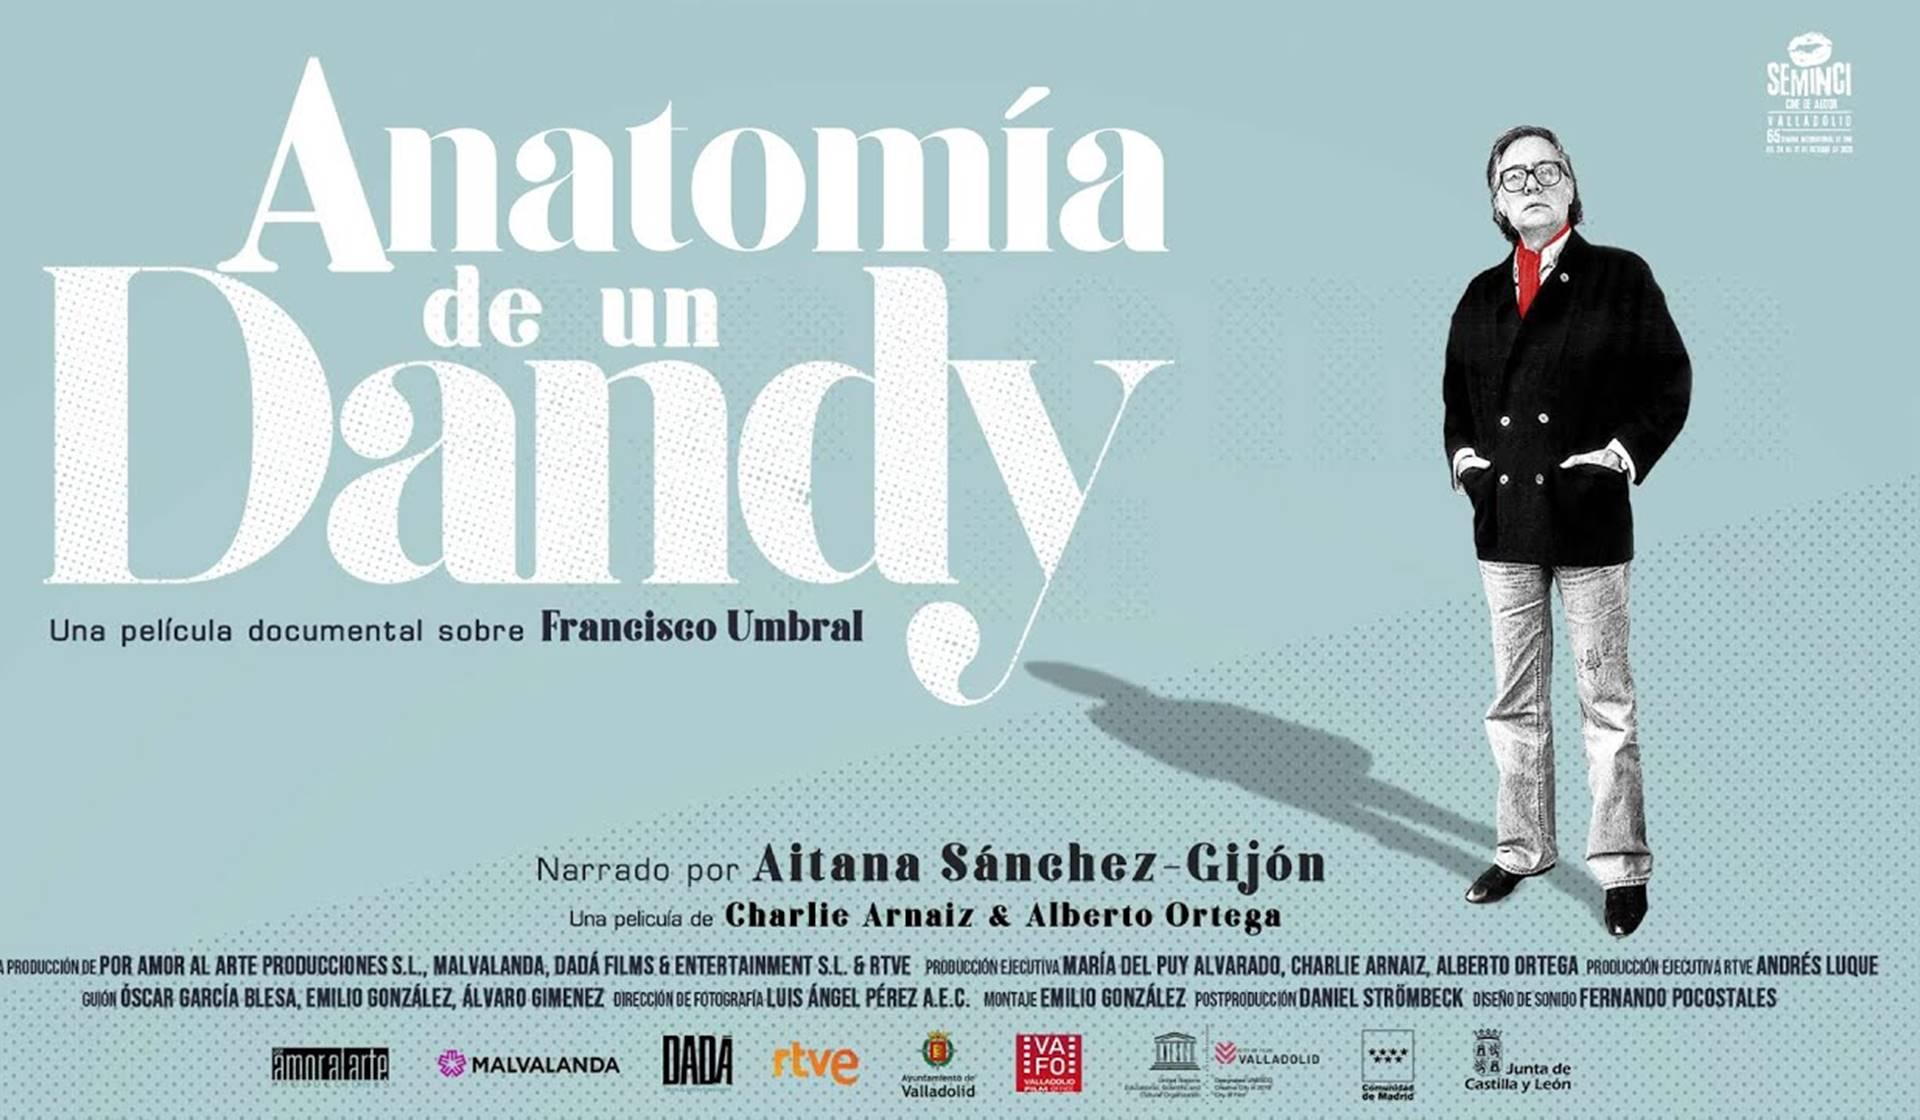 'Anatomía de un Dandy' documental sobre Paco Umbral.